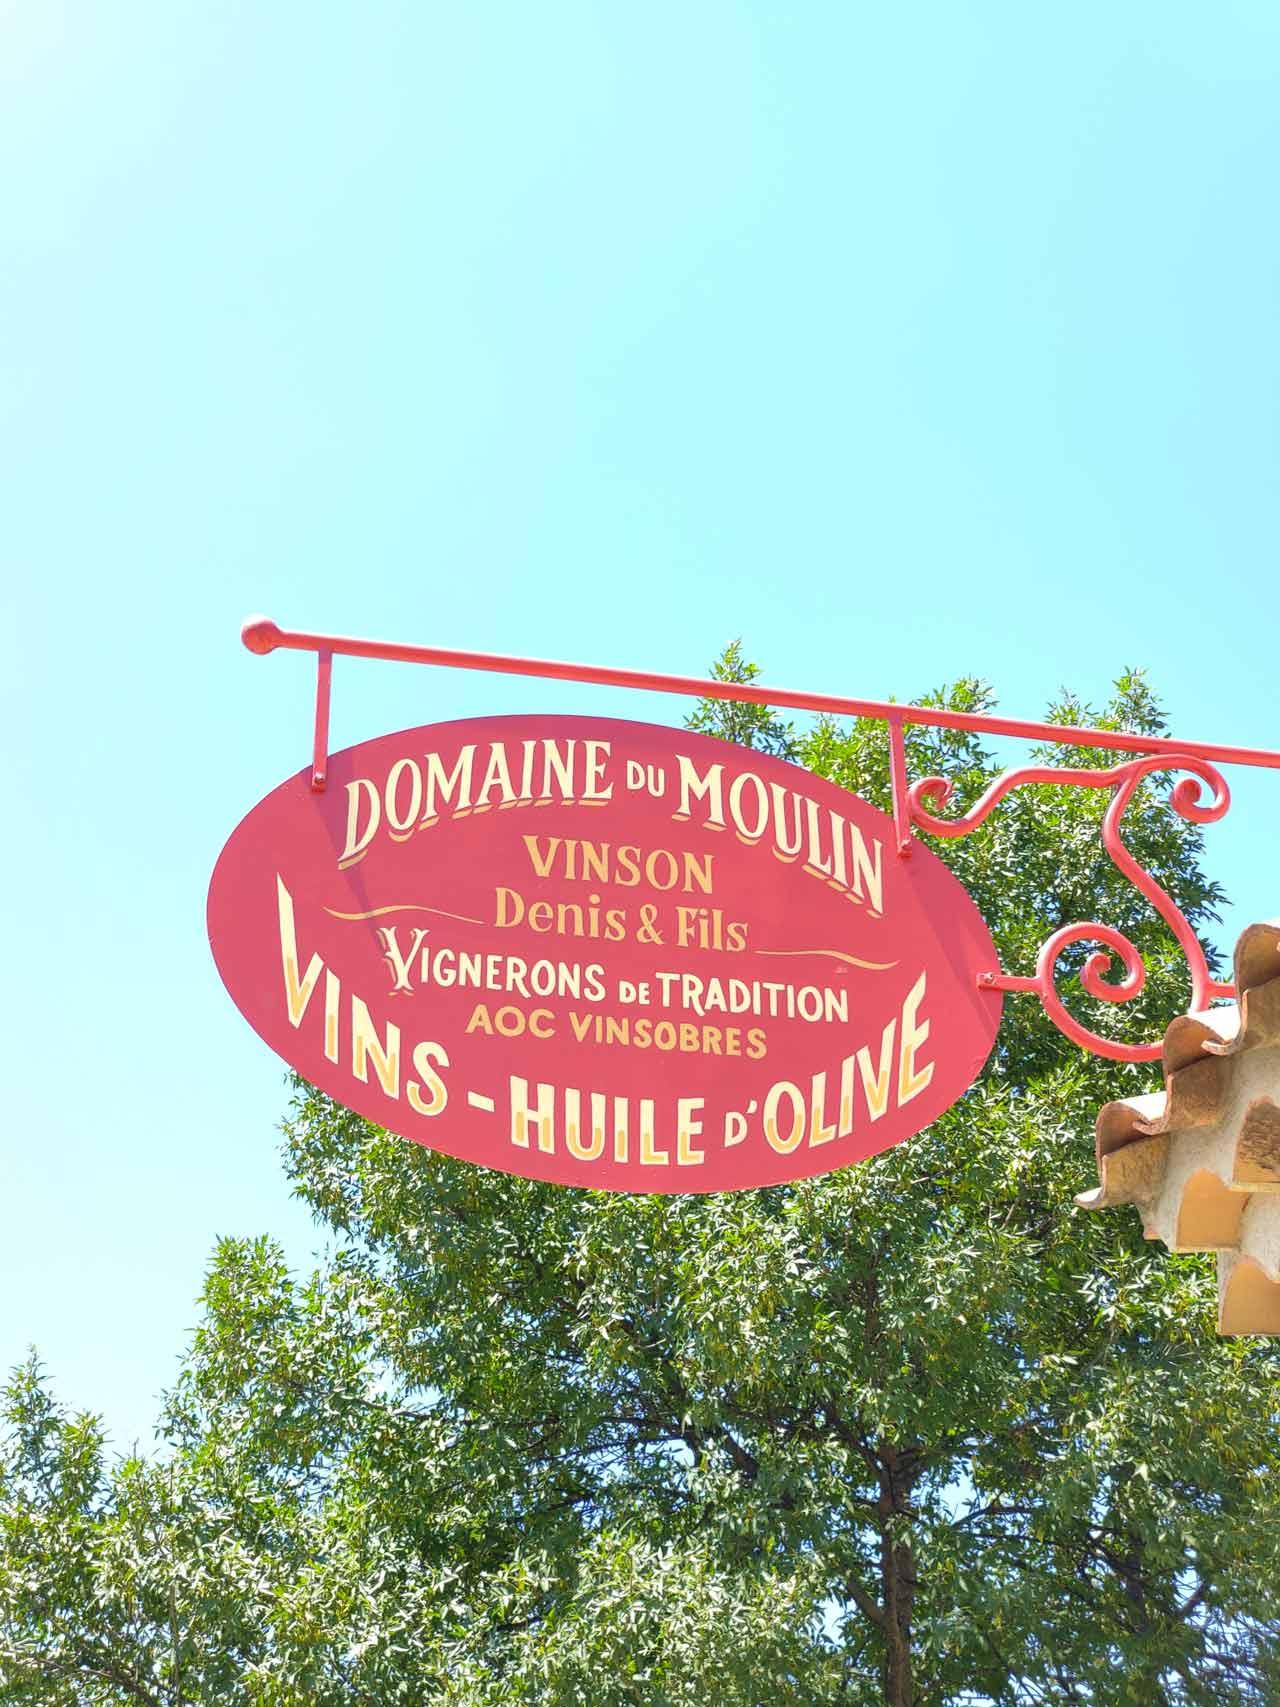 Domaine-du-moulin-vignoble